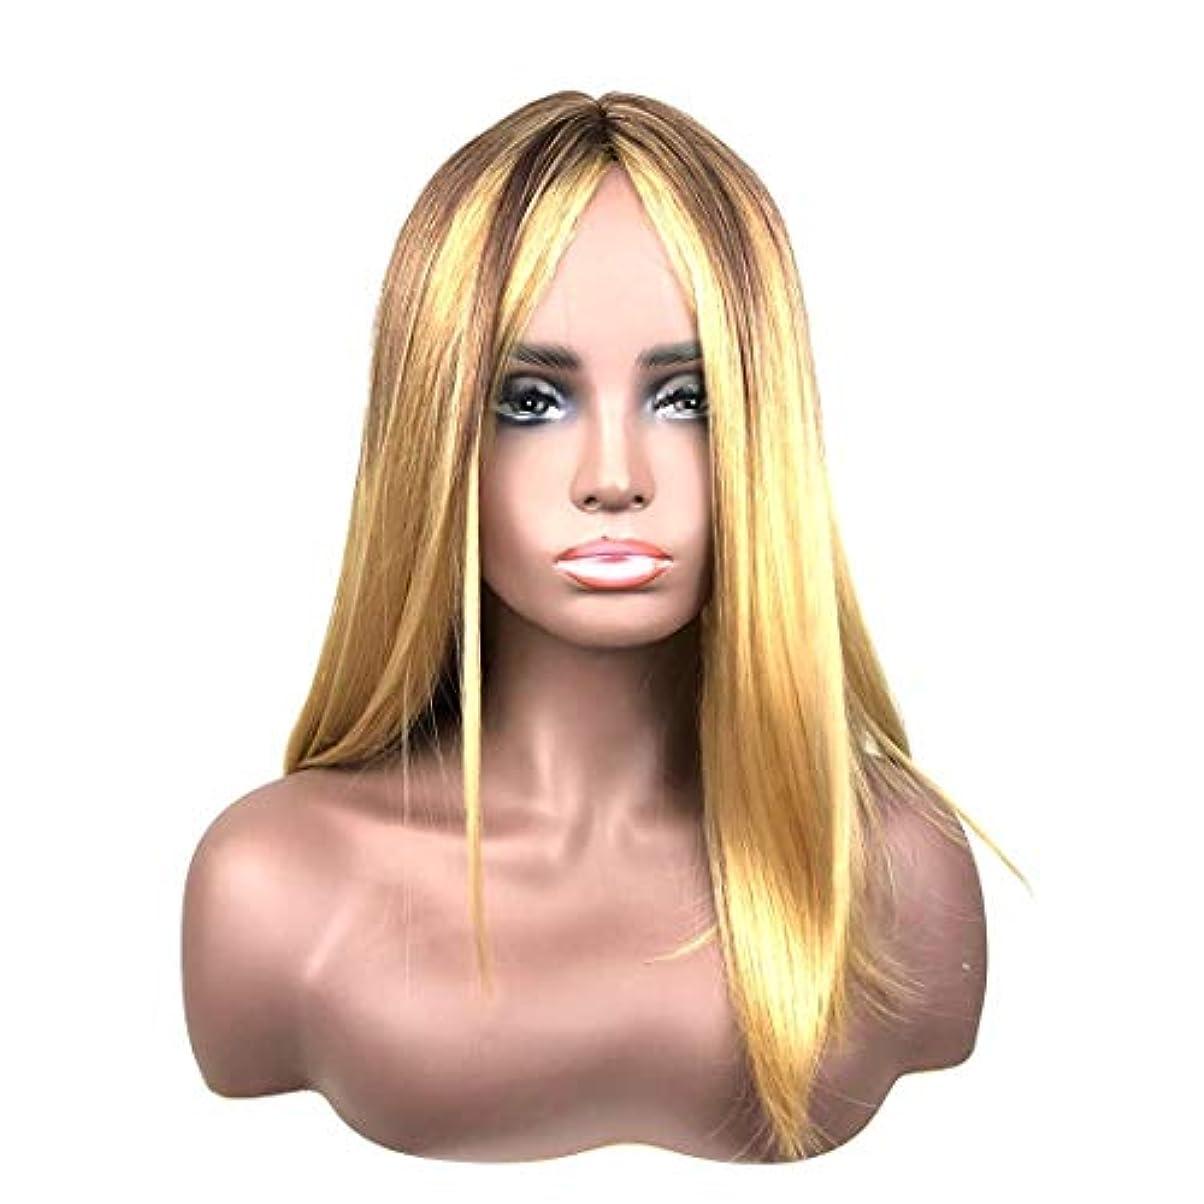 スポンサーテメリティ劇場Kerwinner 前髪合成耐熱性女性のヘアスタイルと短いふわふわボブ変態ストレートヘアウィッグ